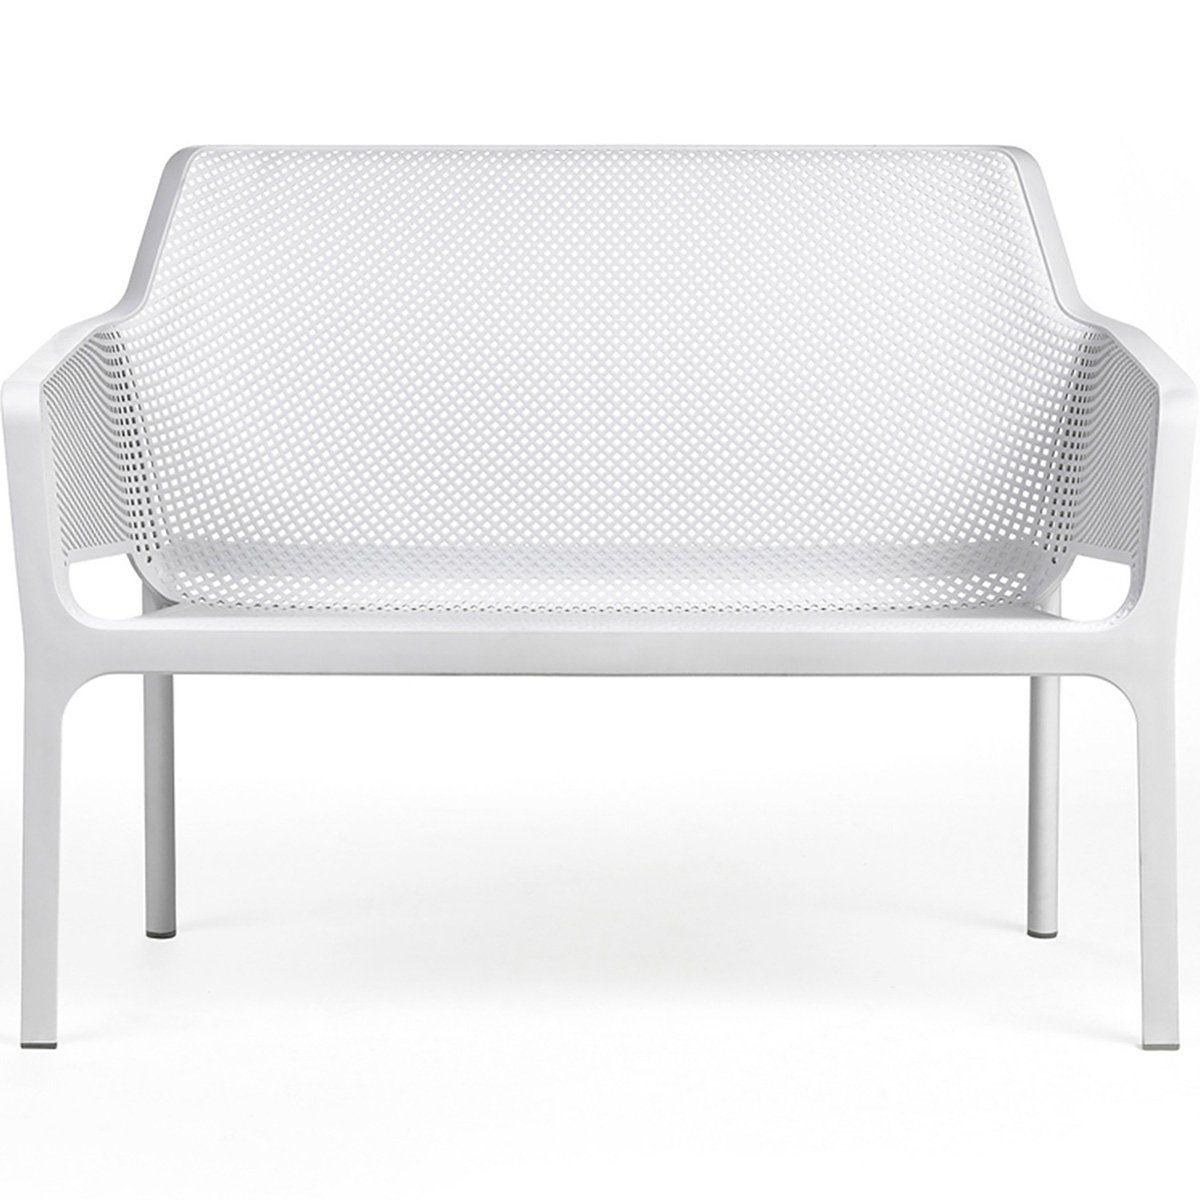 Net 2-sitssoffa i vit plast från Brafab.